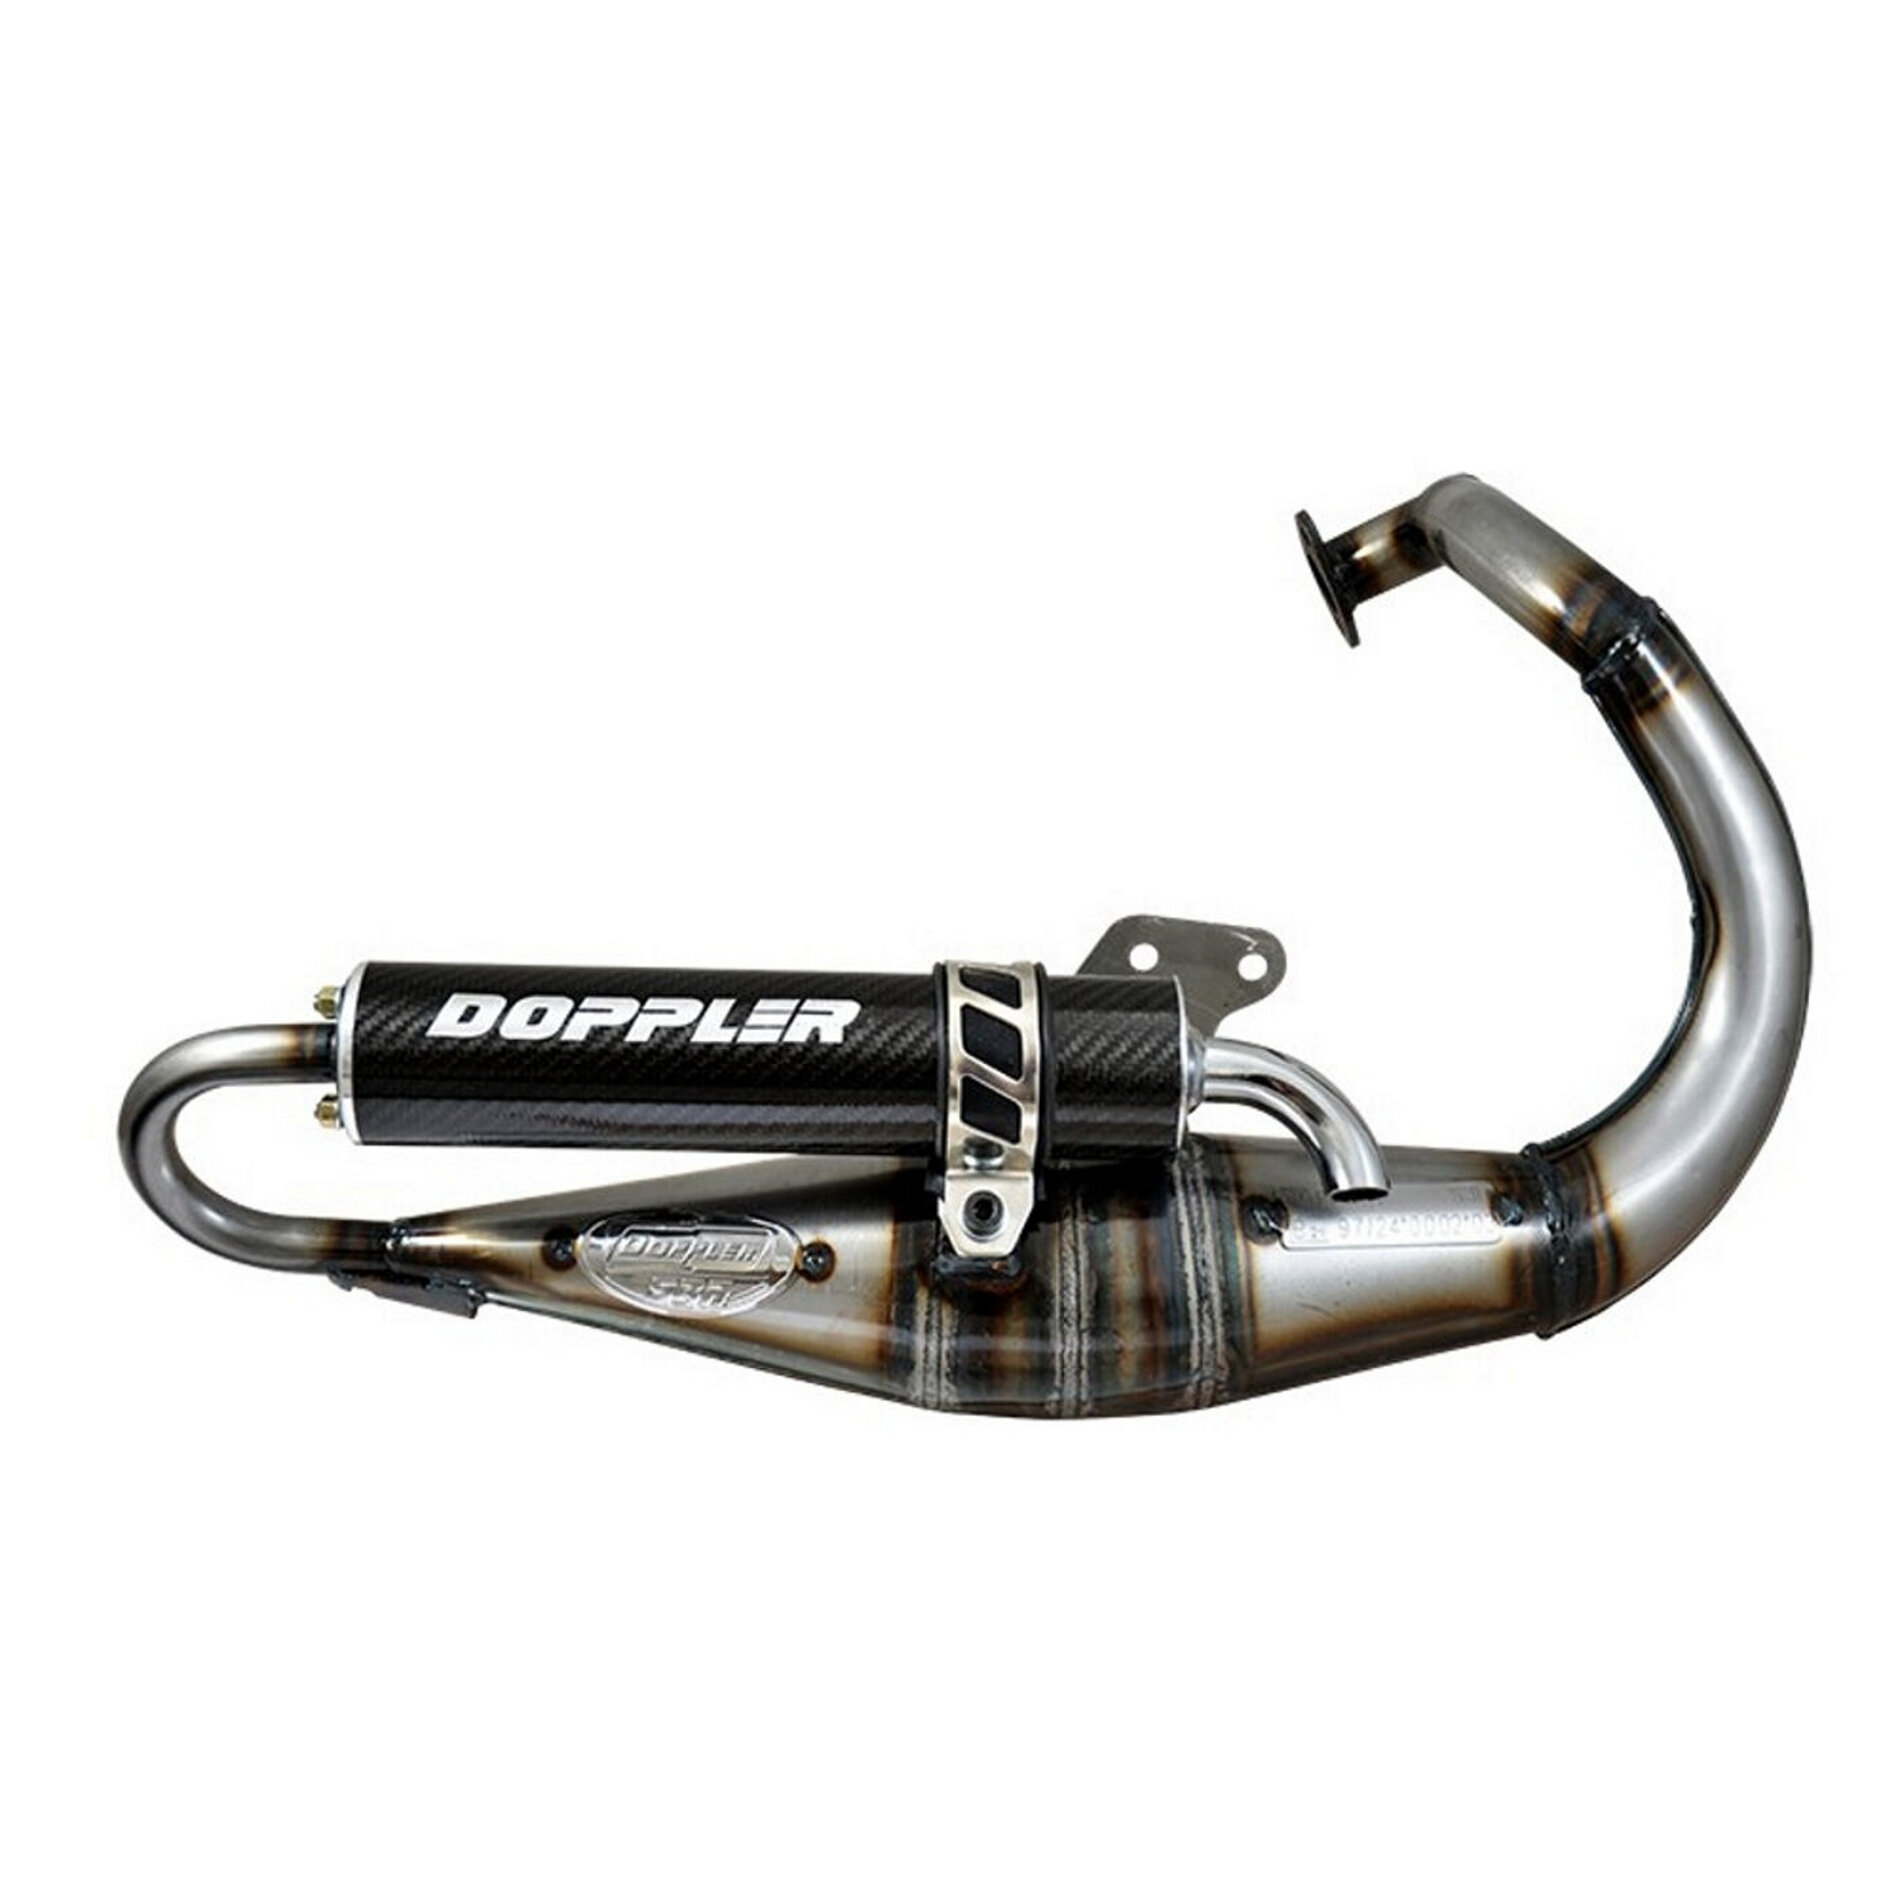 Pot Doppler S3R Evolution Peugeot Speedfight / Trekker carbone